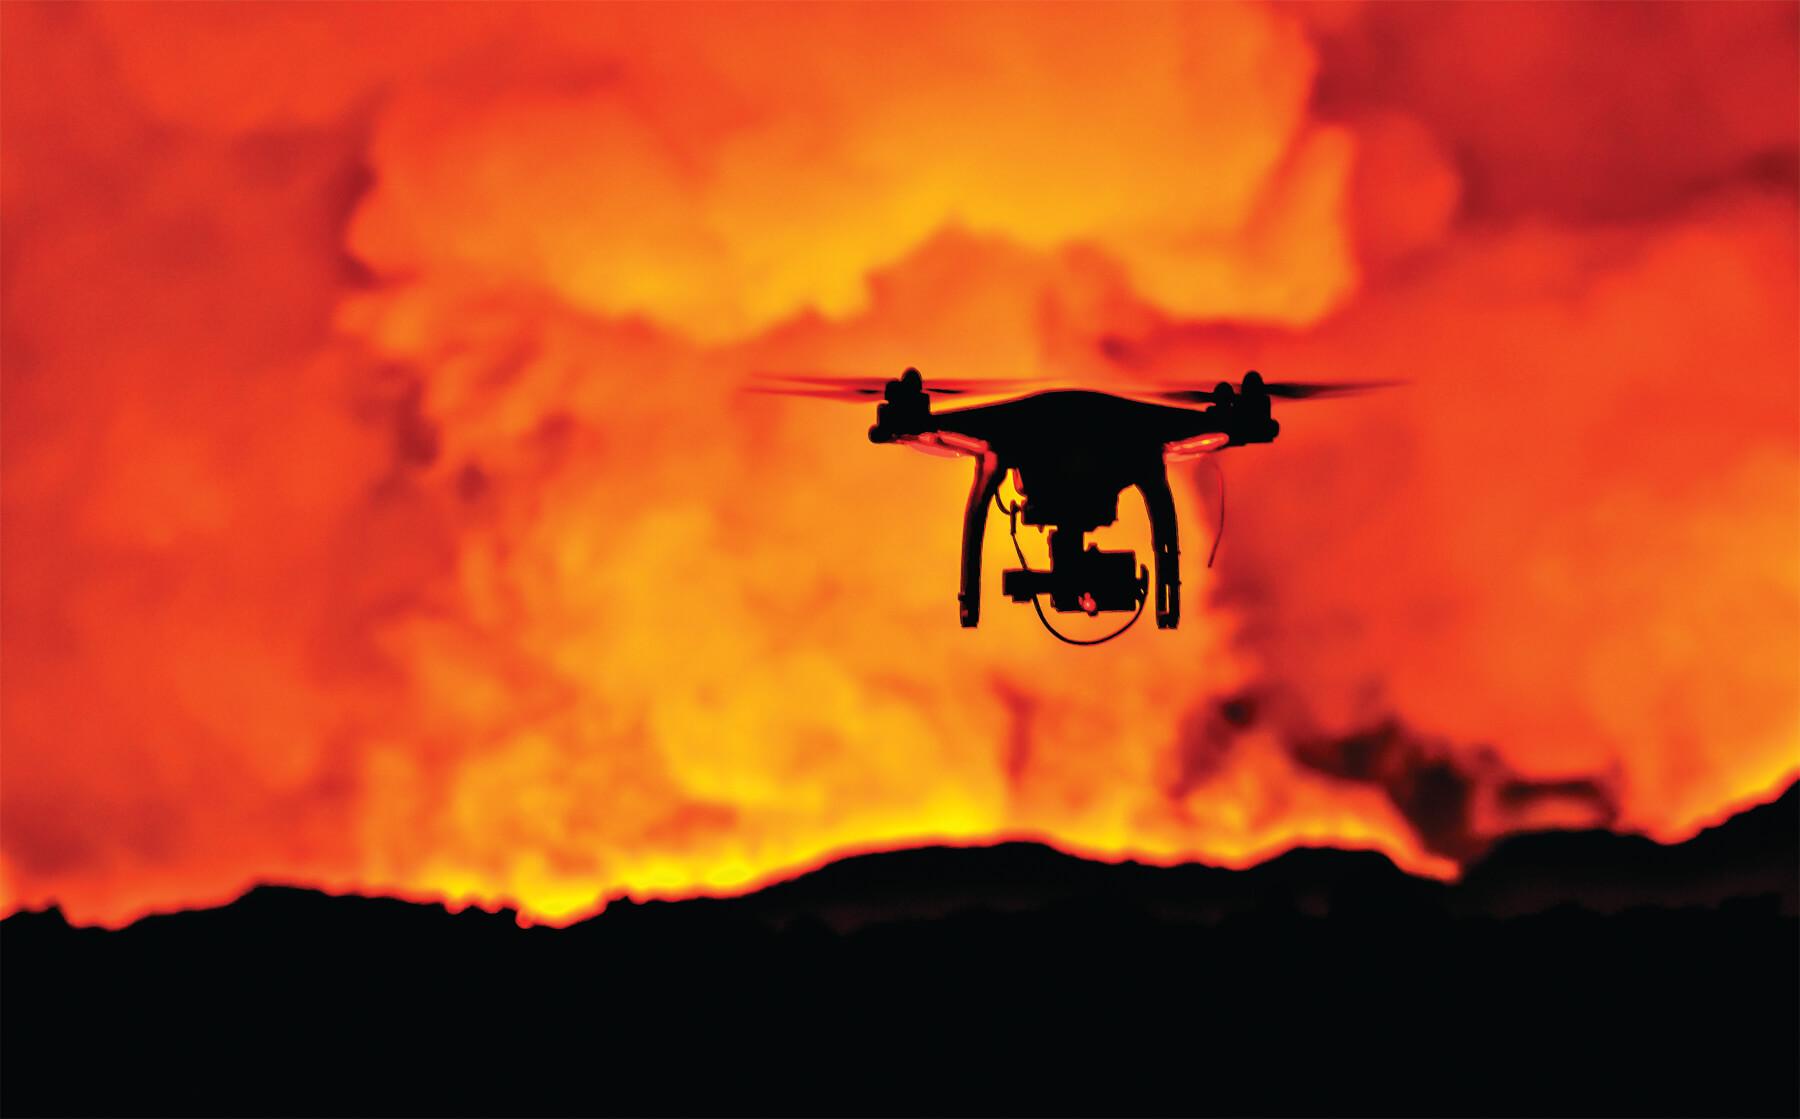 phantom-drone fire